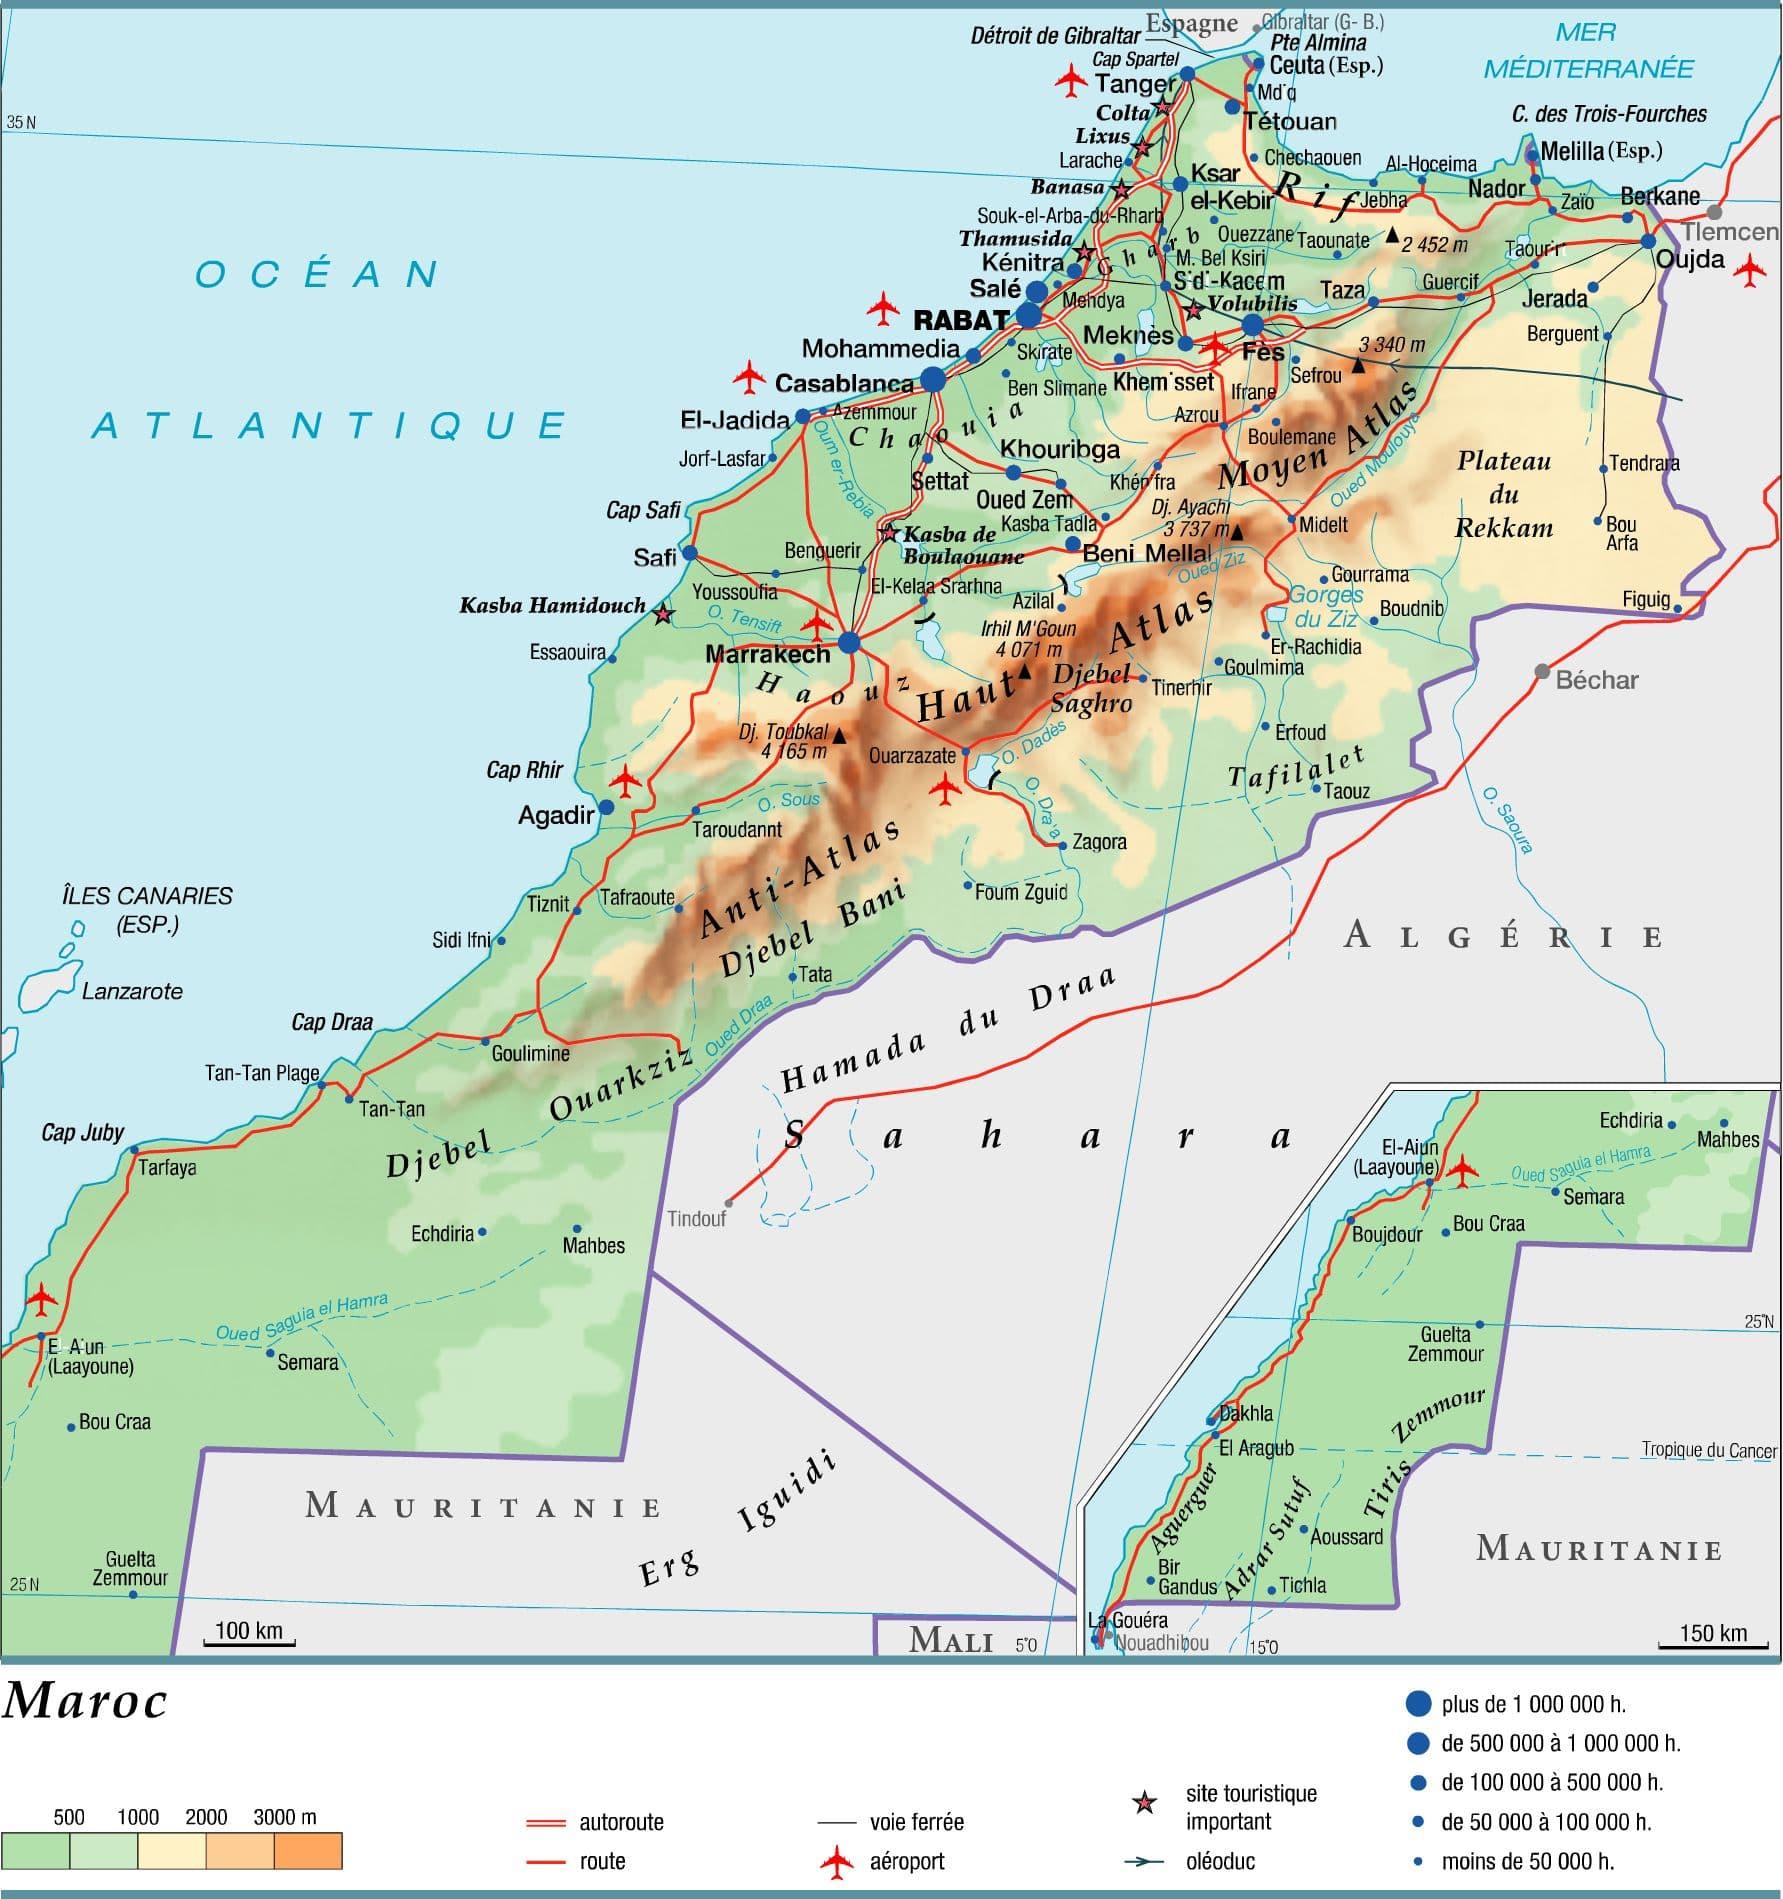 maroc geographie